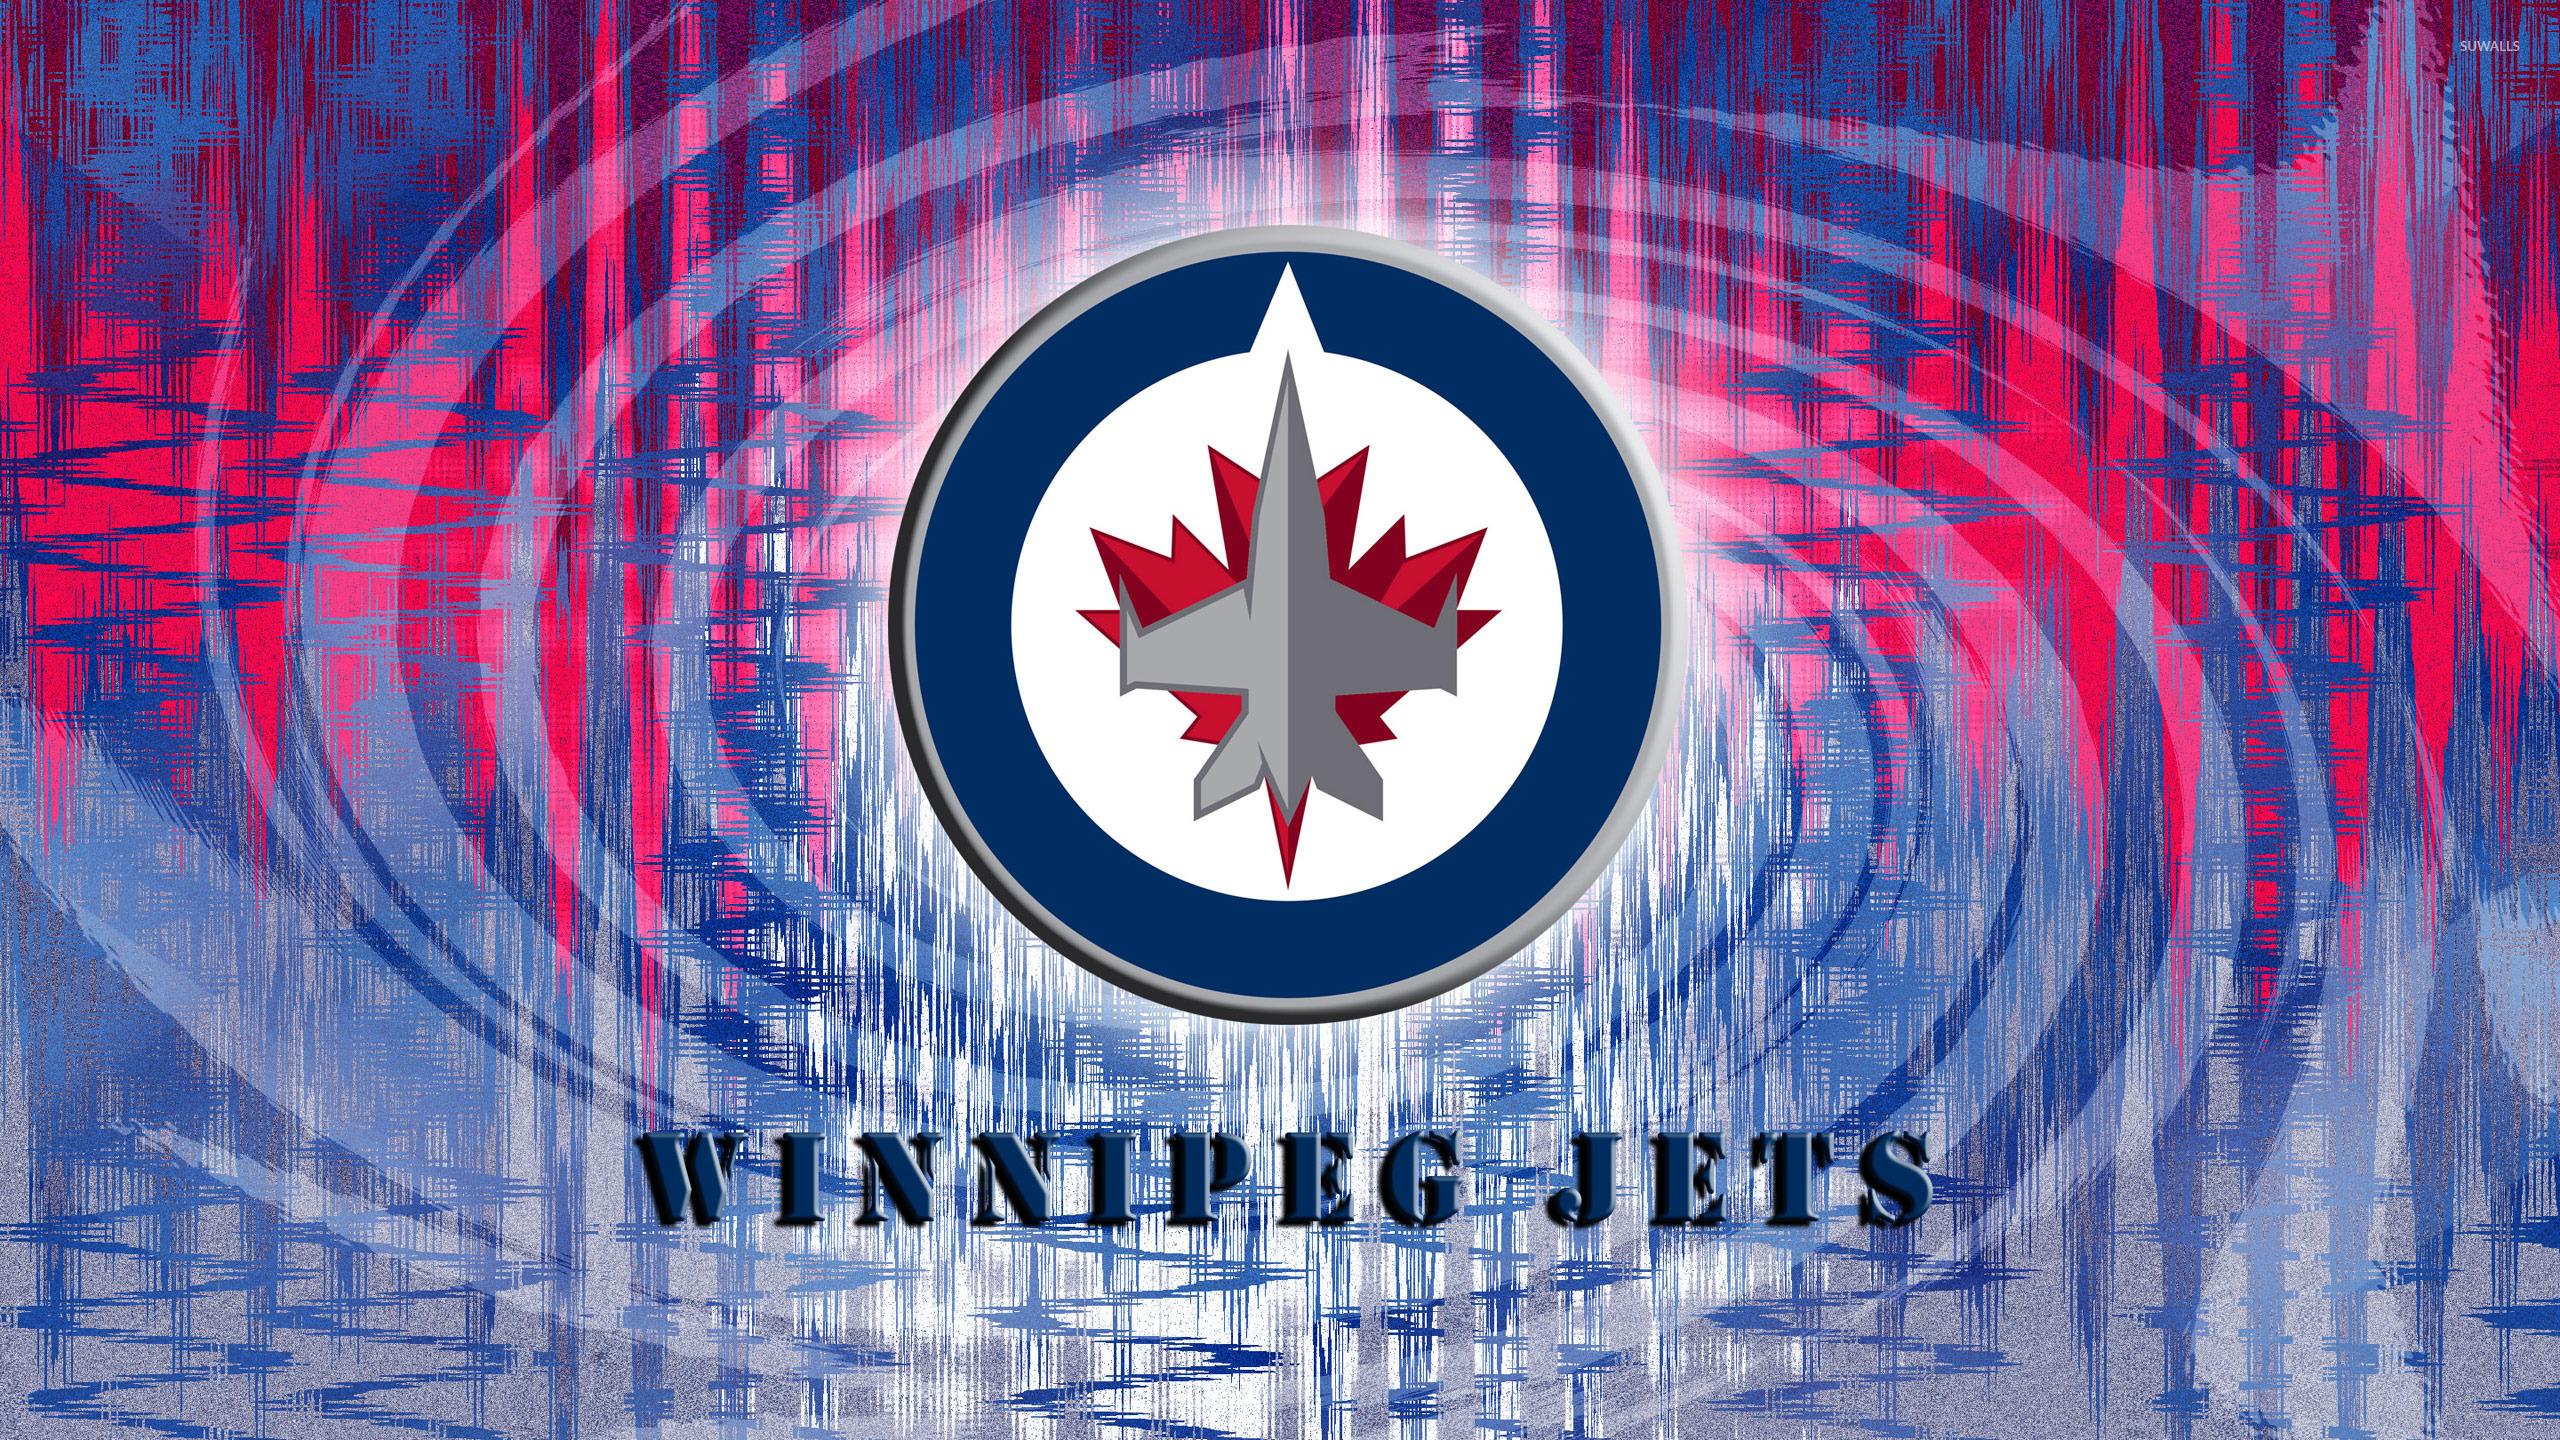 Winnipeg Jets HD wallpapers 2560x1440